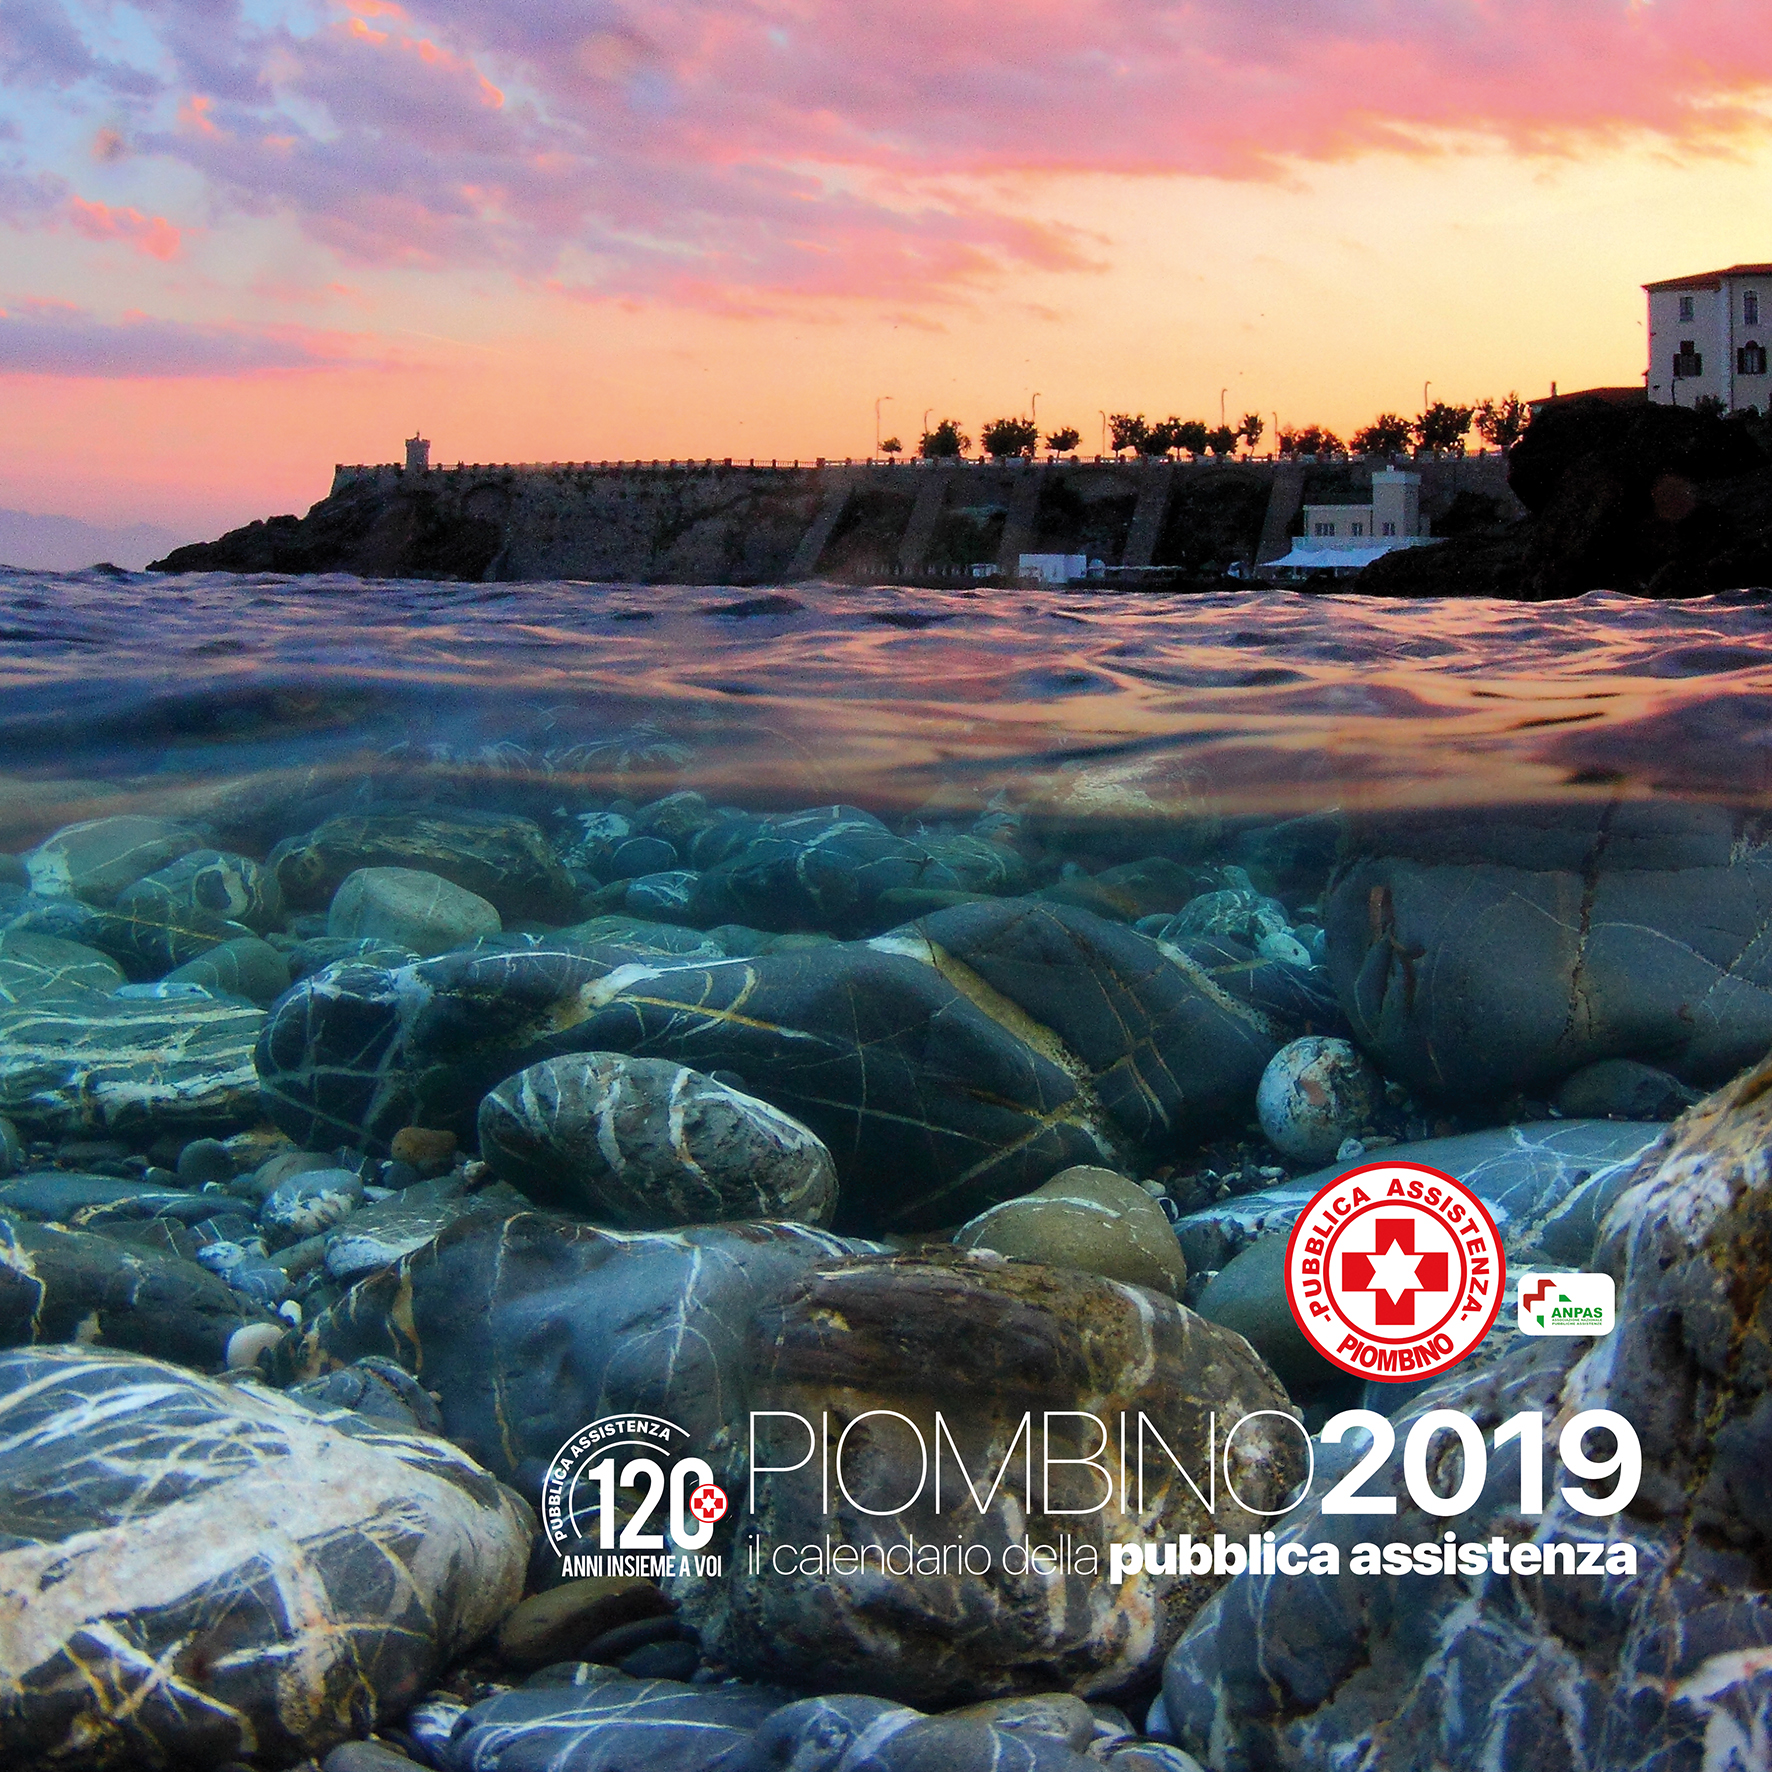 Piombino 2019 Calendario Pubblica Assistenza